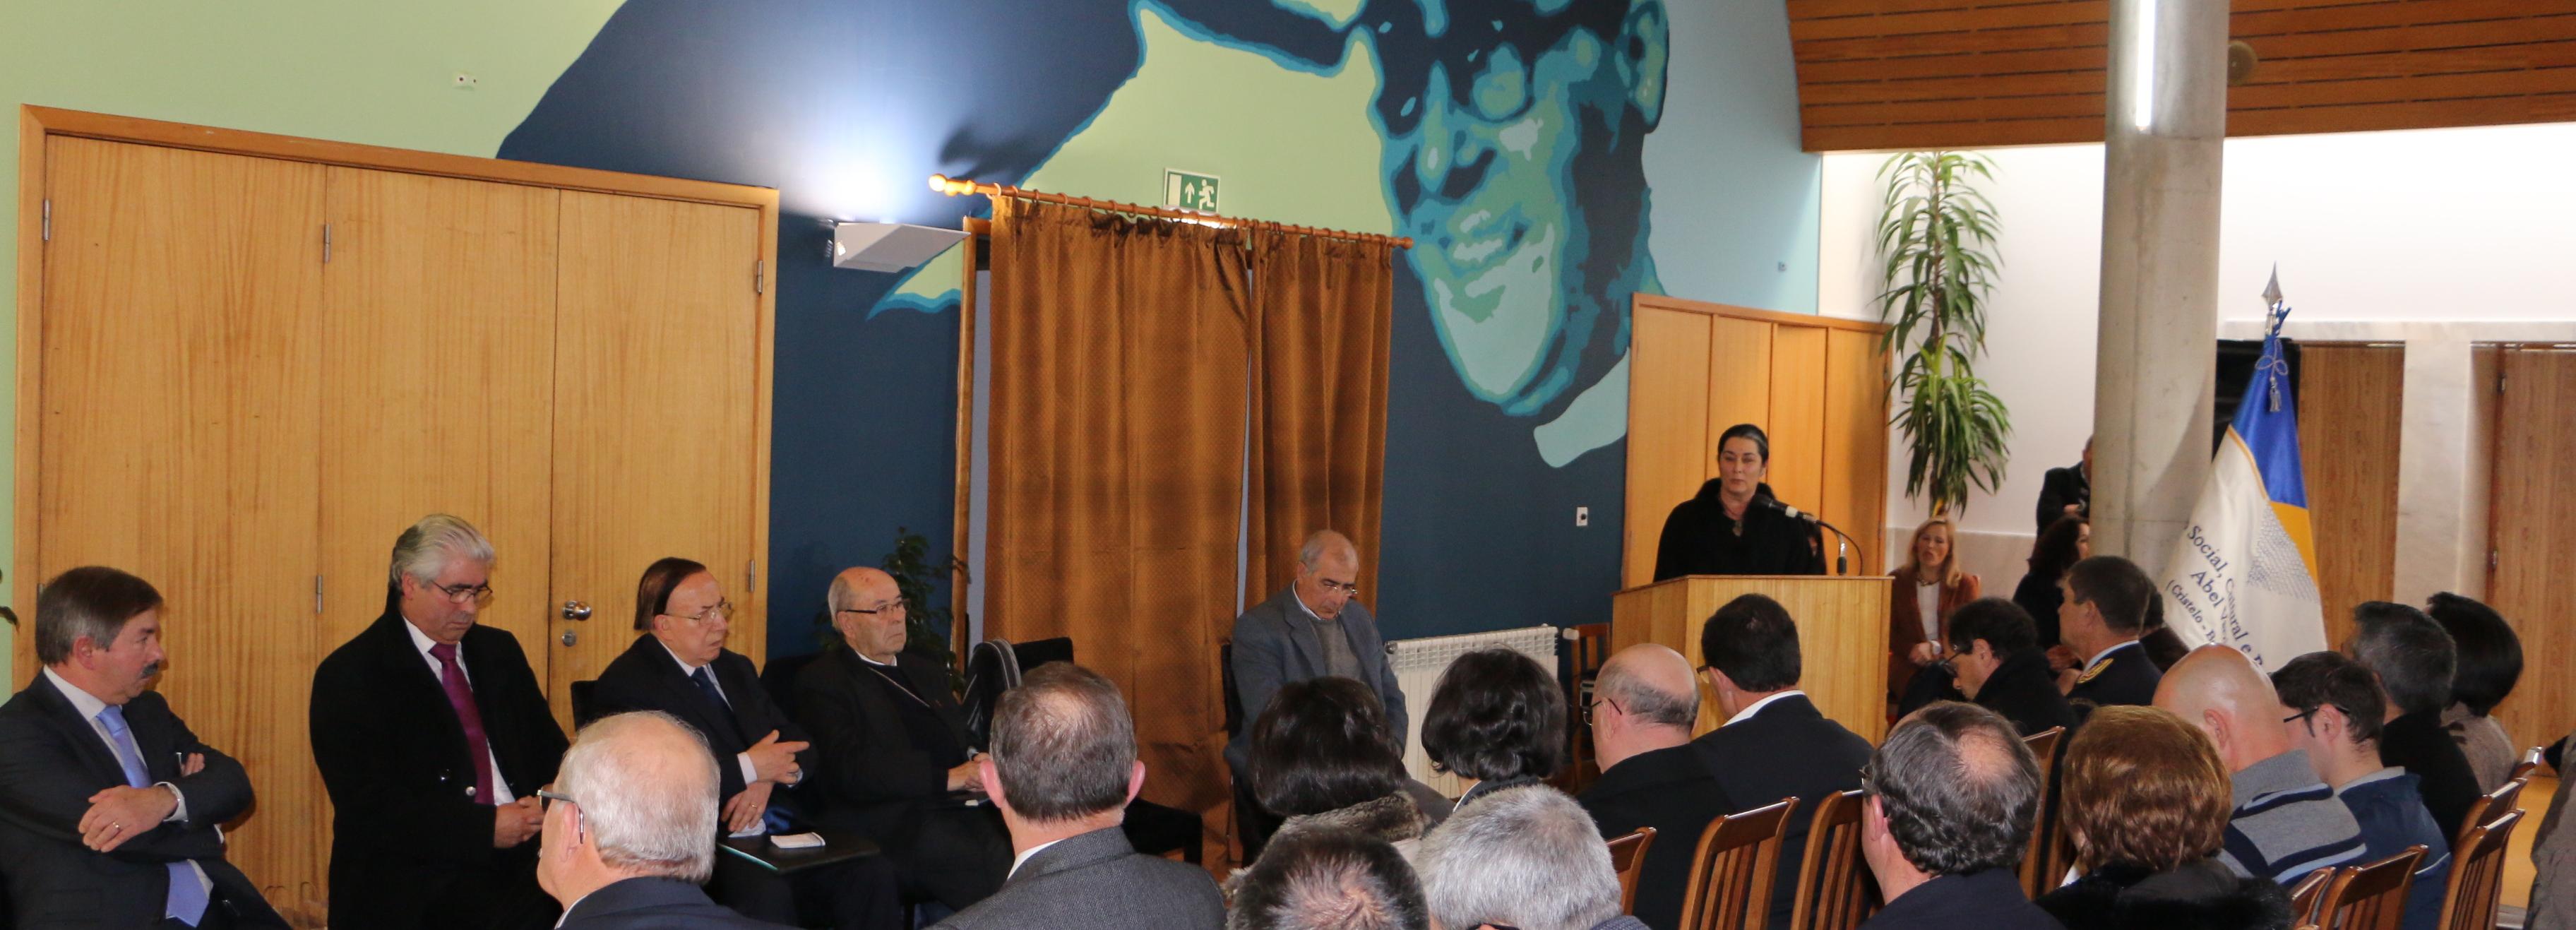 Armandina Saleiro presente nas comemorações do 20º aniversário do Centro Social Abel Varzim